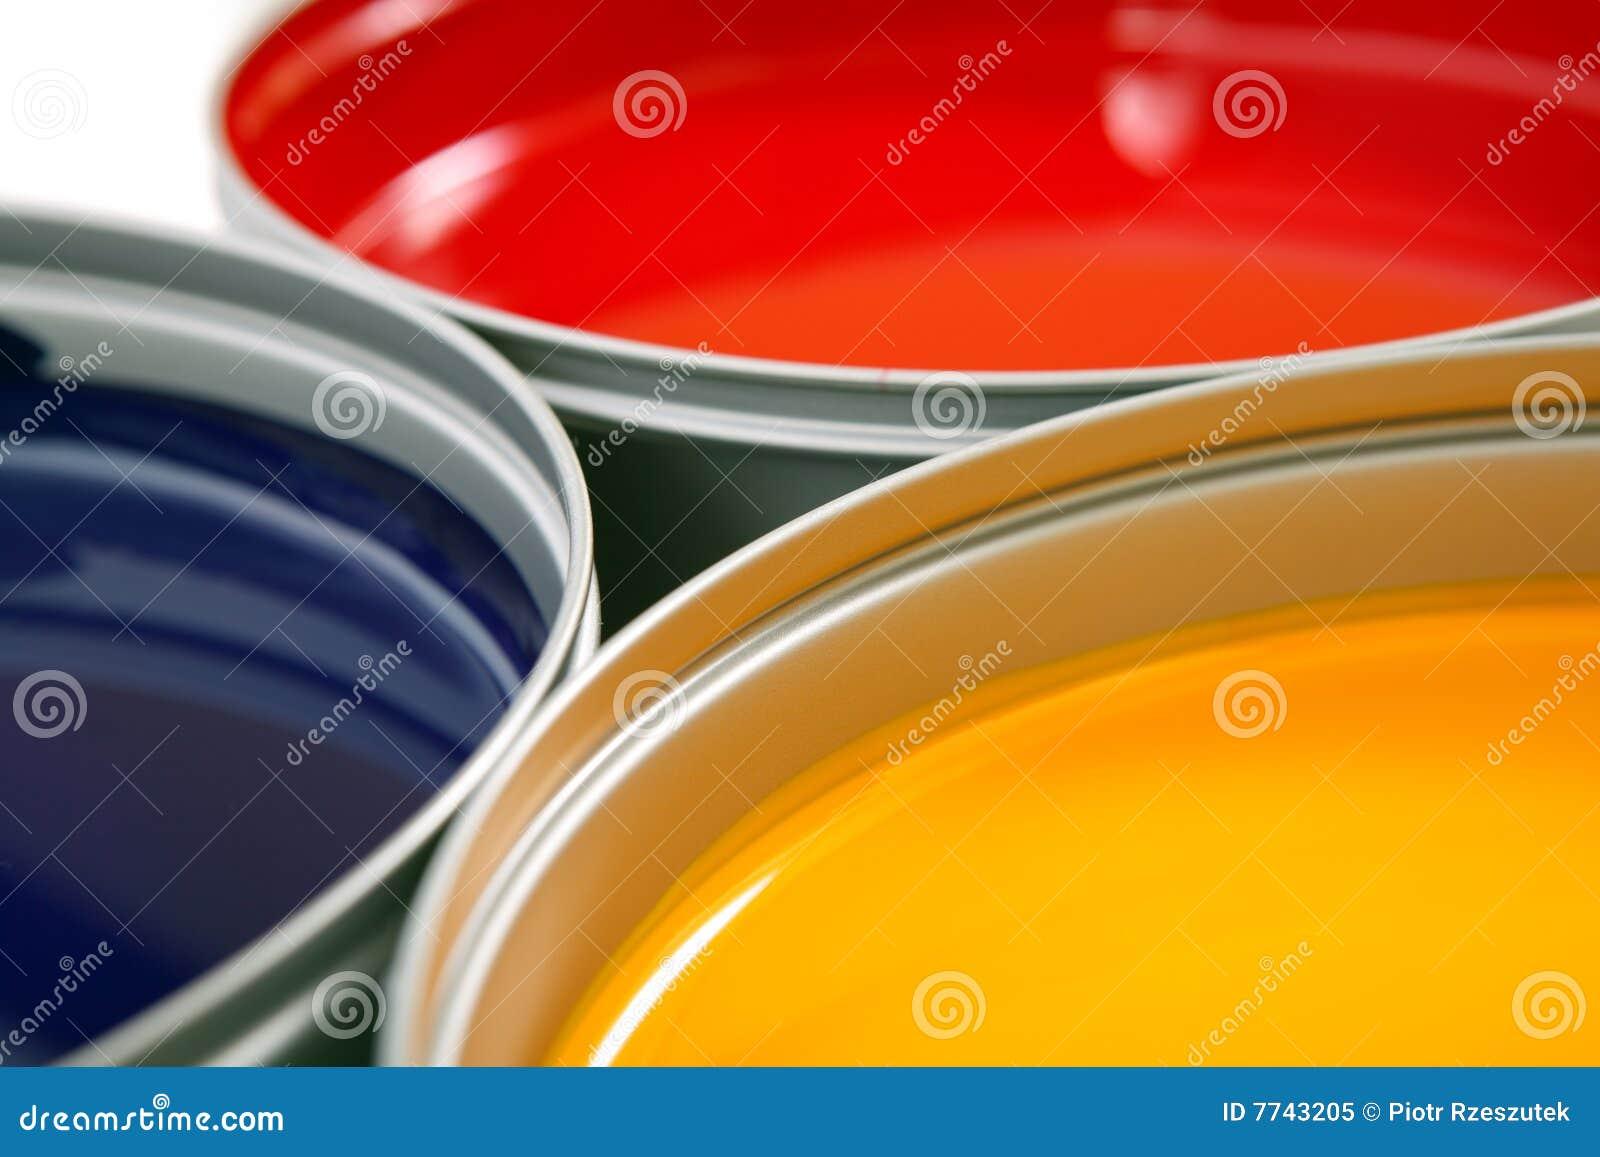 Tintas da imprensa de impressão, ciano, magentas, amarelo